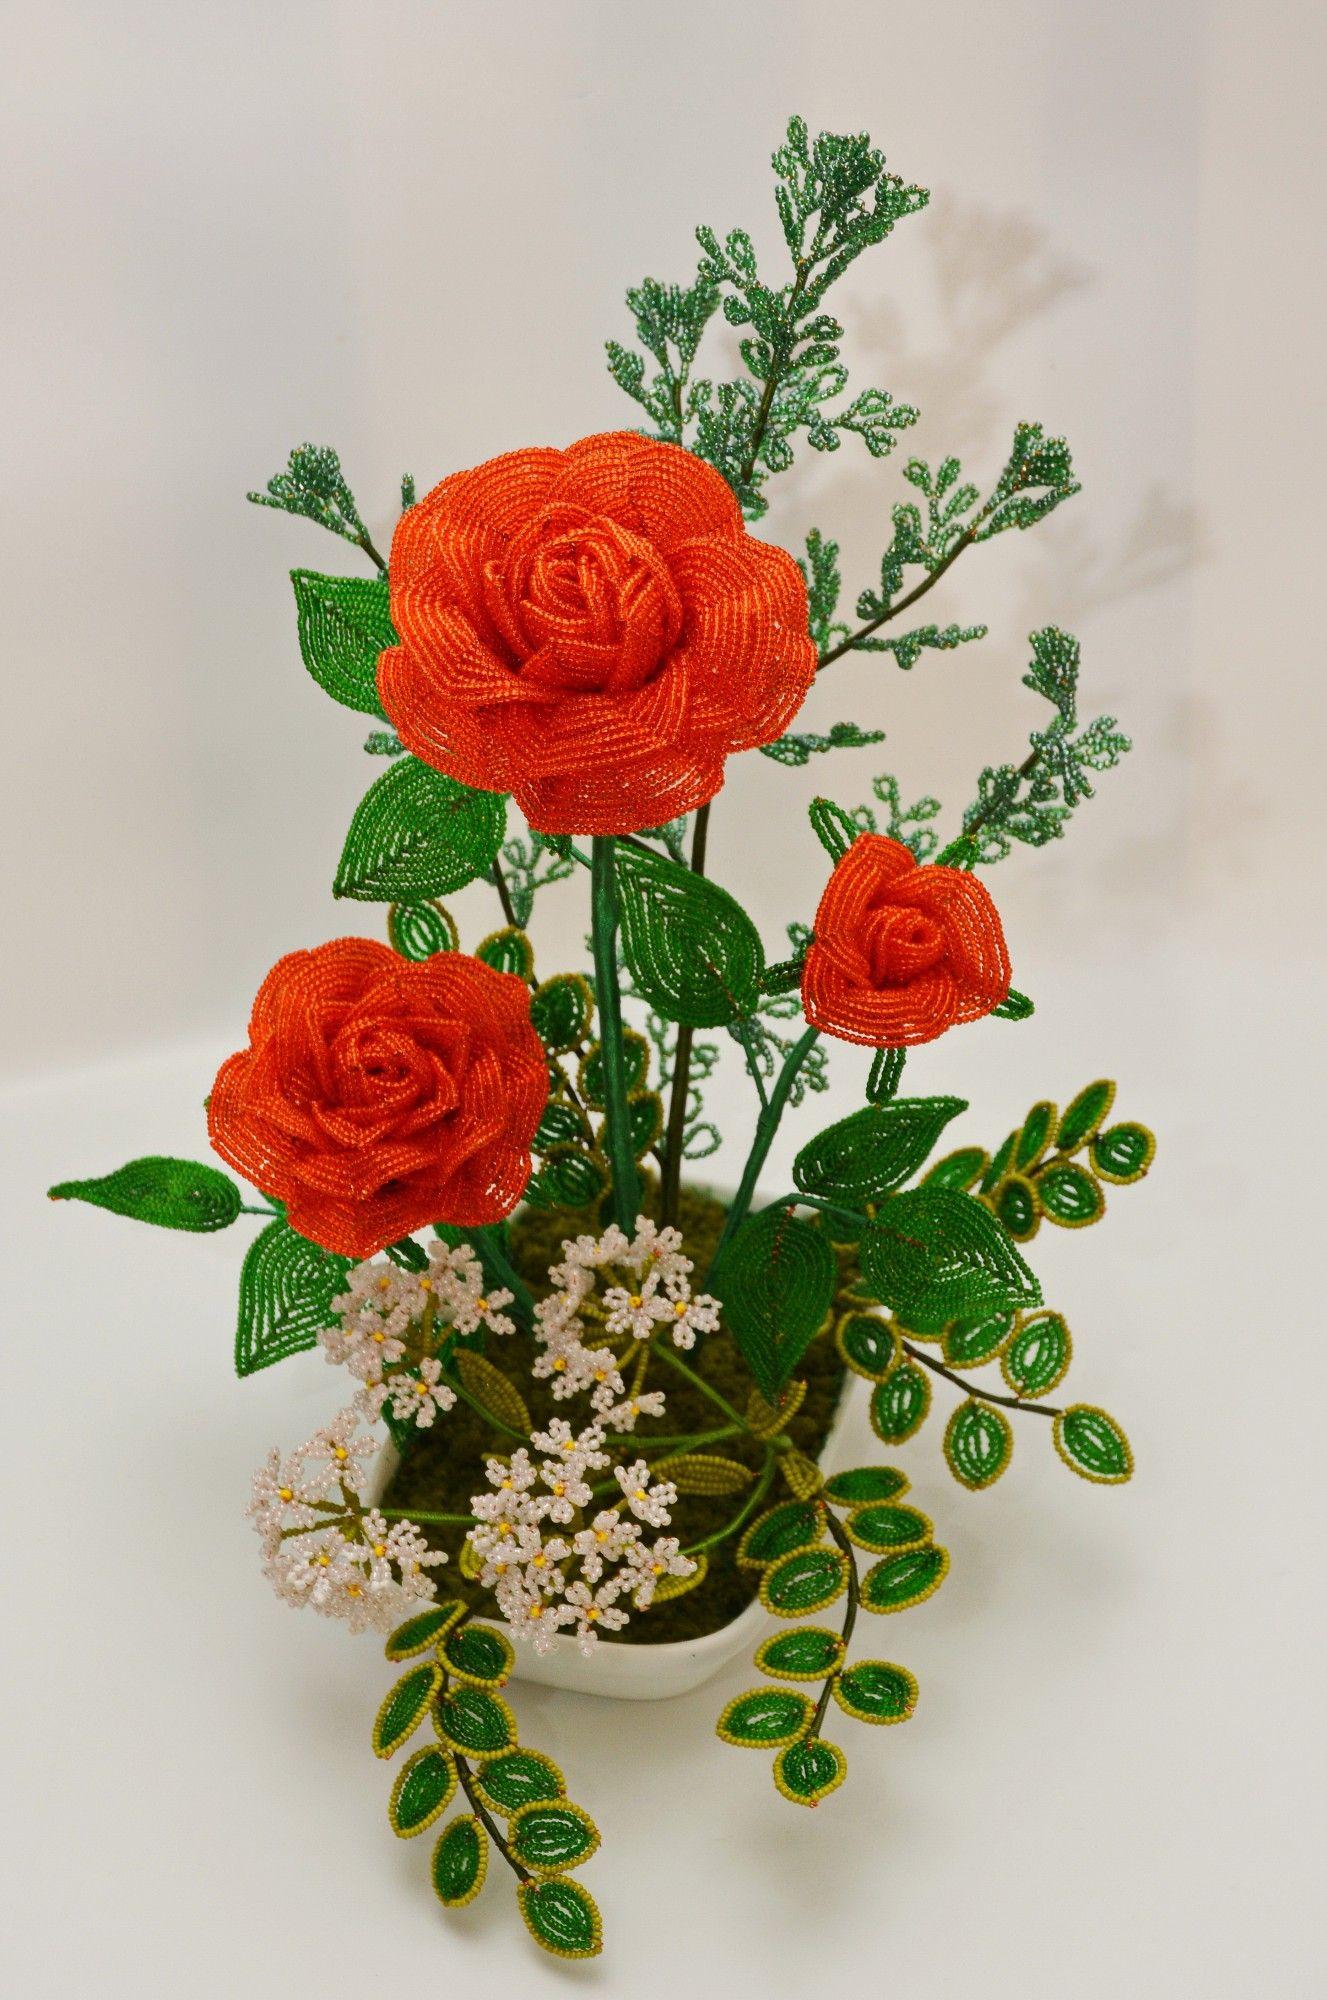 композиция роз из бисера фото них двое детей